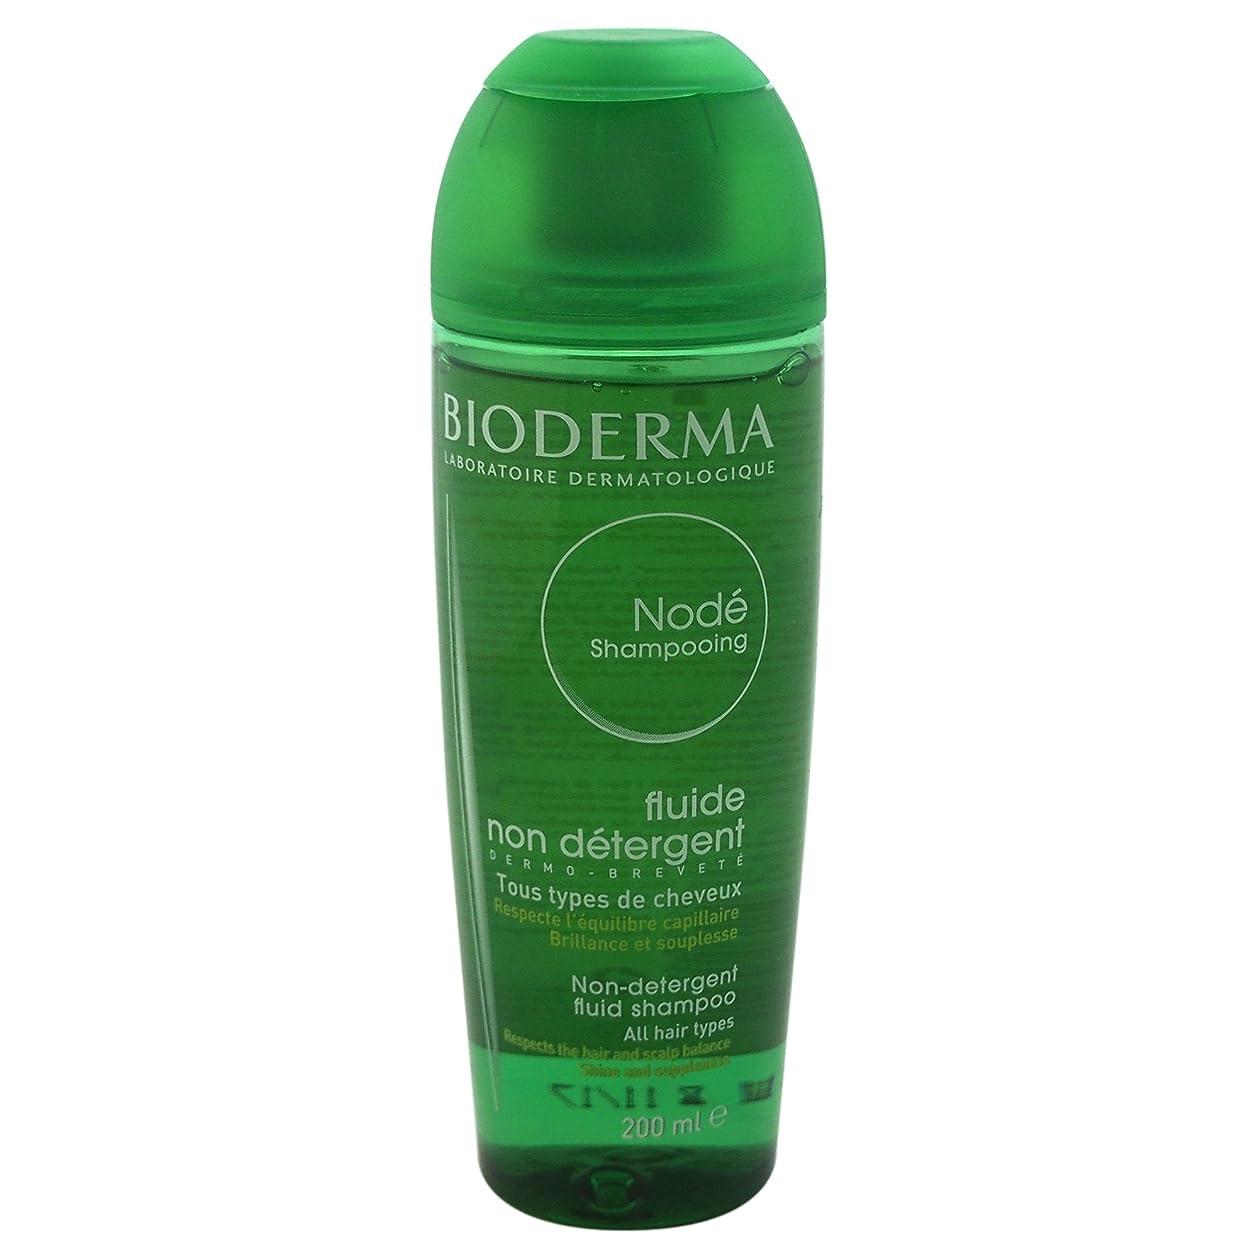 同様のアンカー嬉しいですBioderma Node Shampoo Fluid 200ml [並行輸入品]